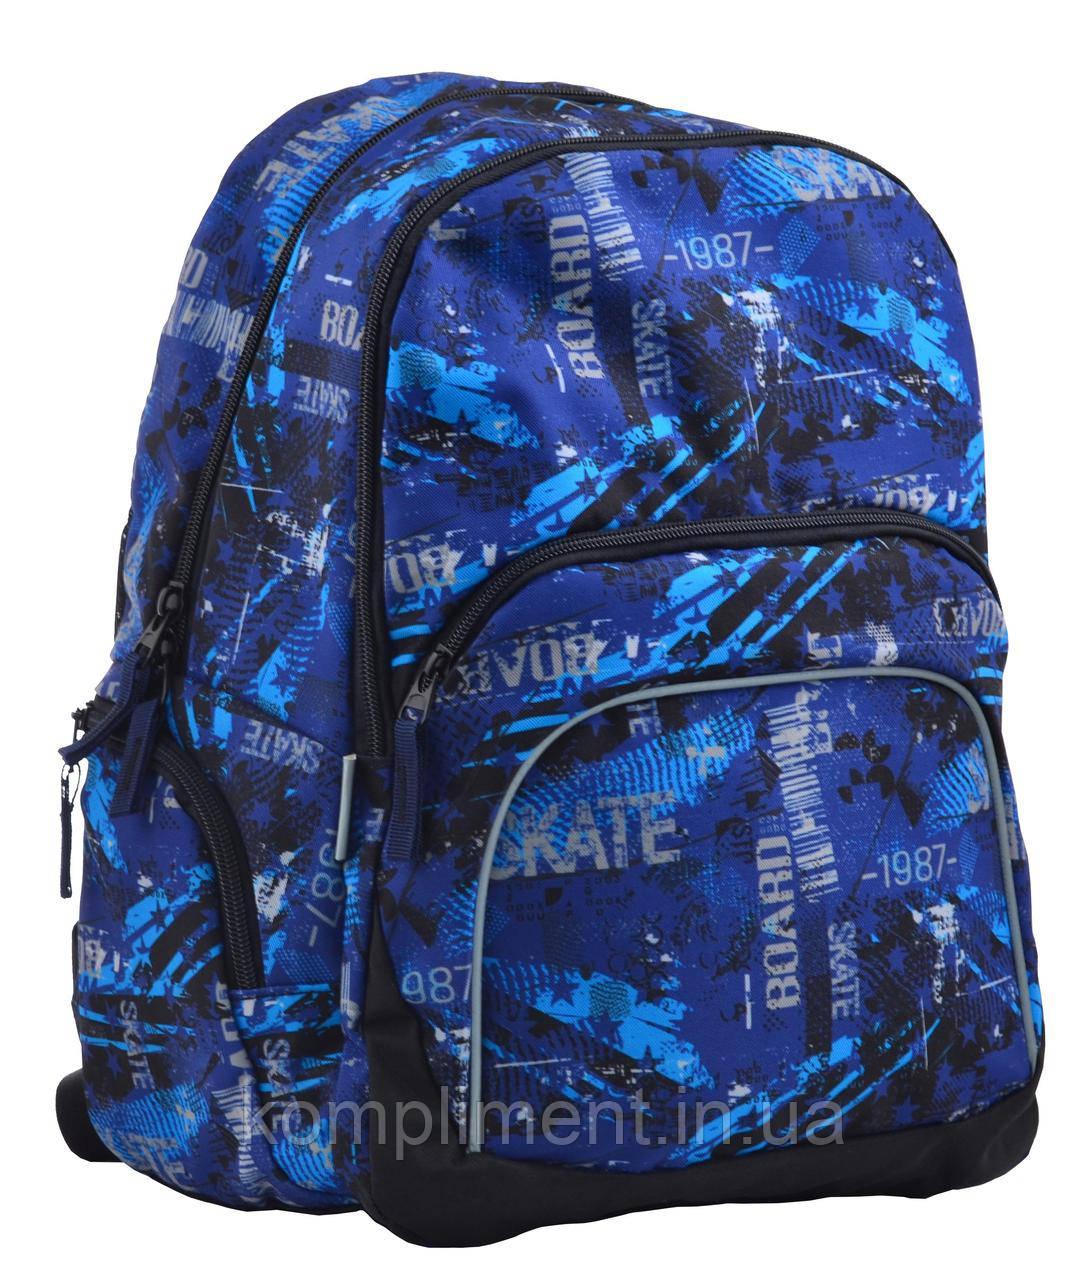 Рюкзак школьный подростковый SG-23 Grave , 39*29*15.5, SMART